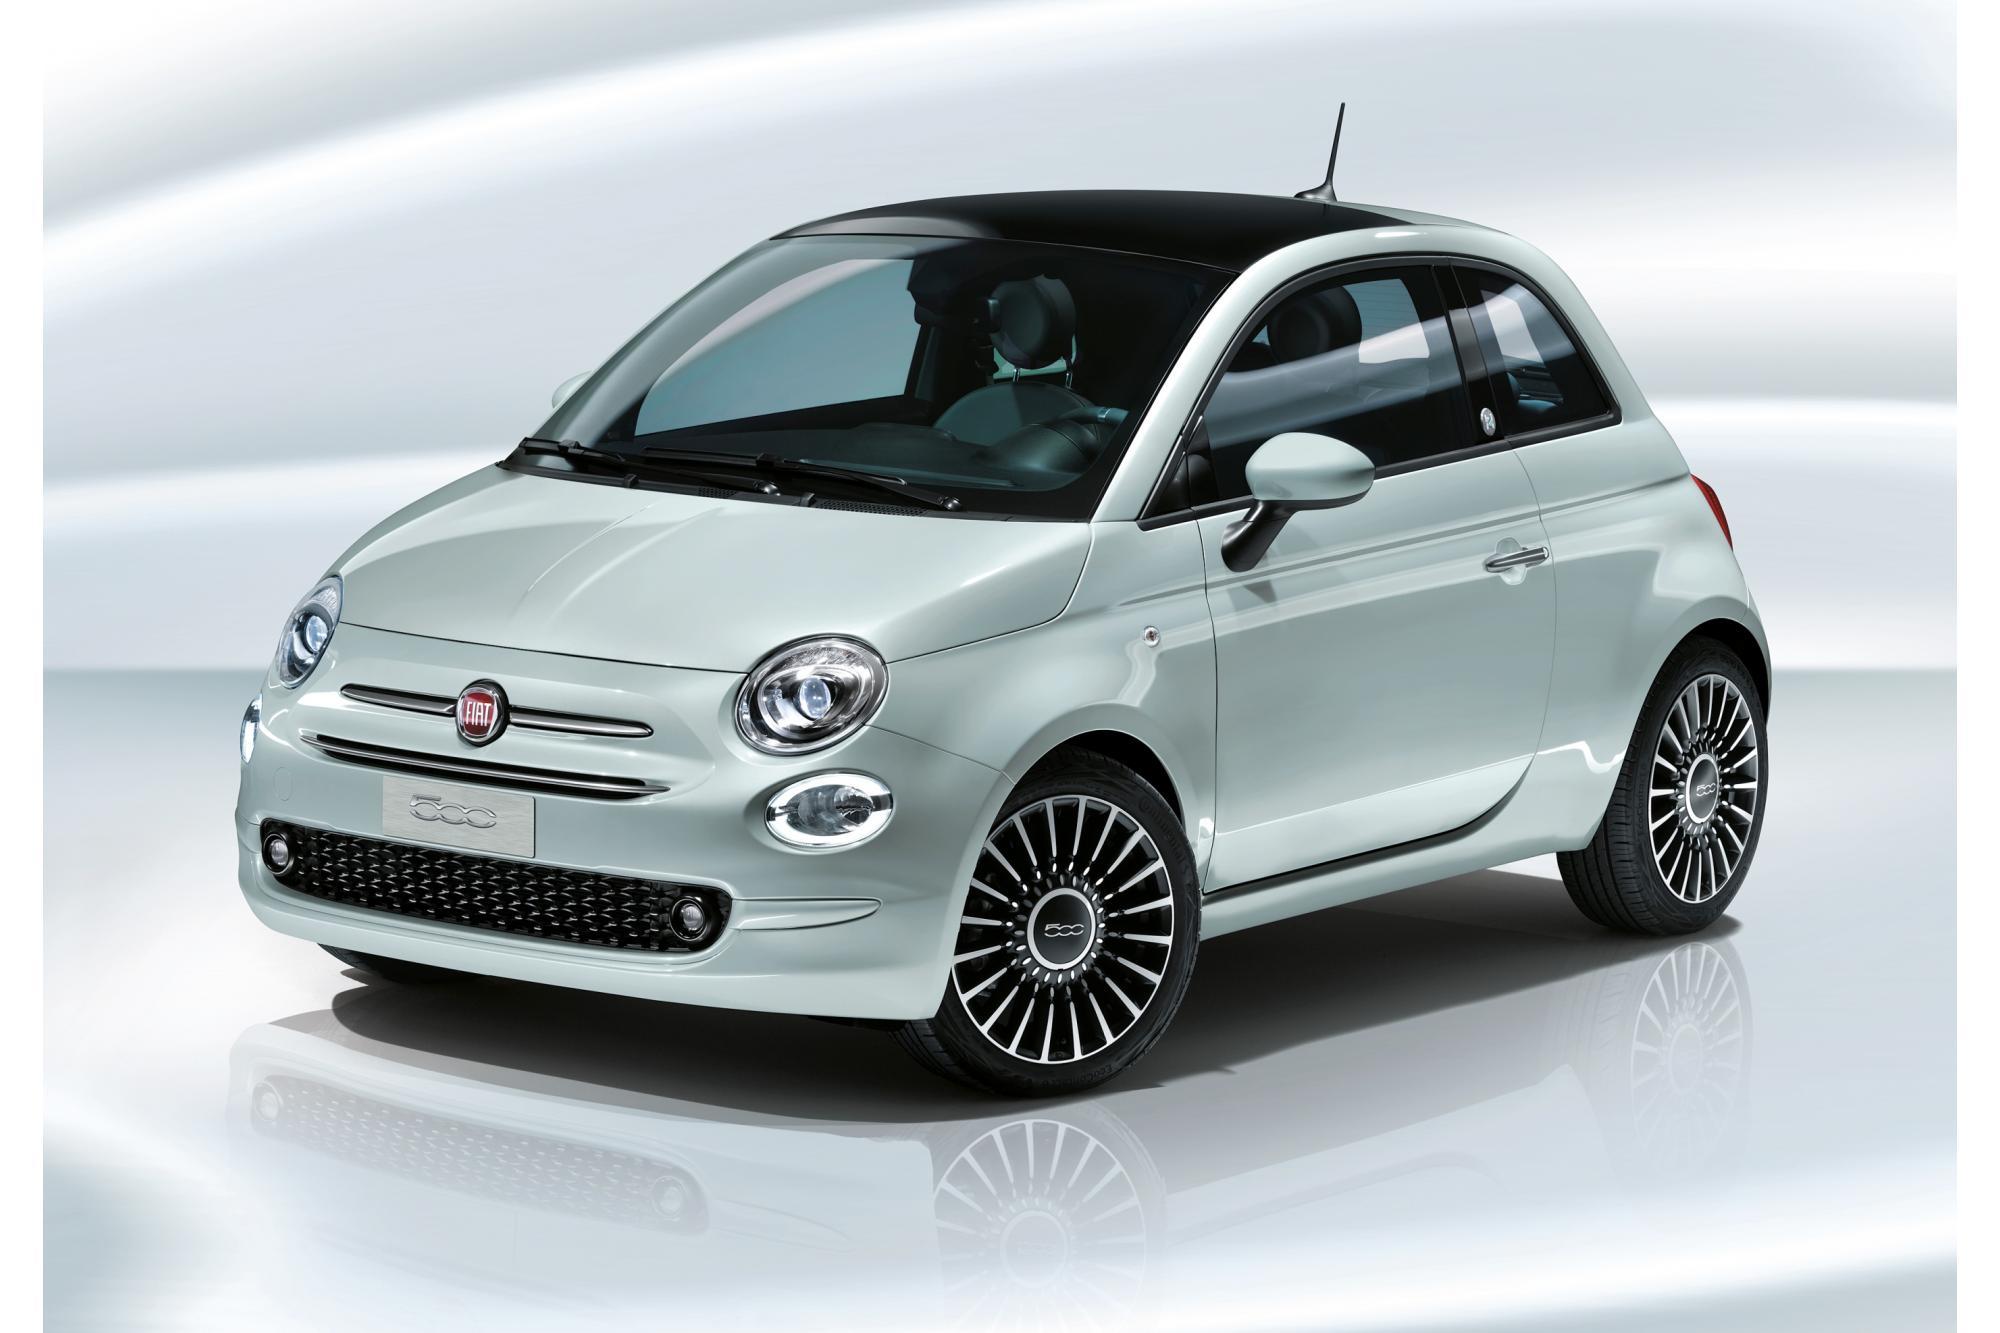 Η οικογένεια του Fiat 500 μεγαλώνει